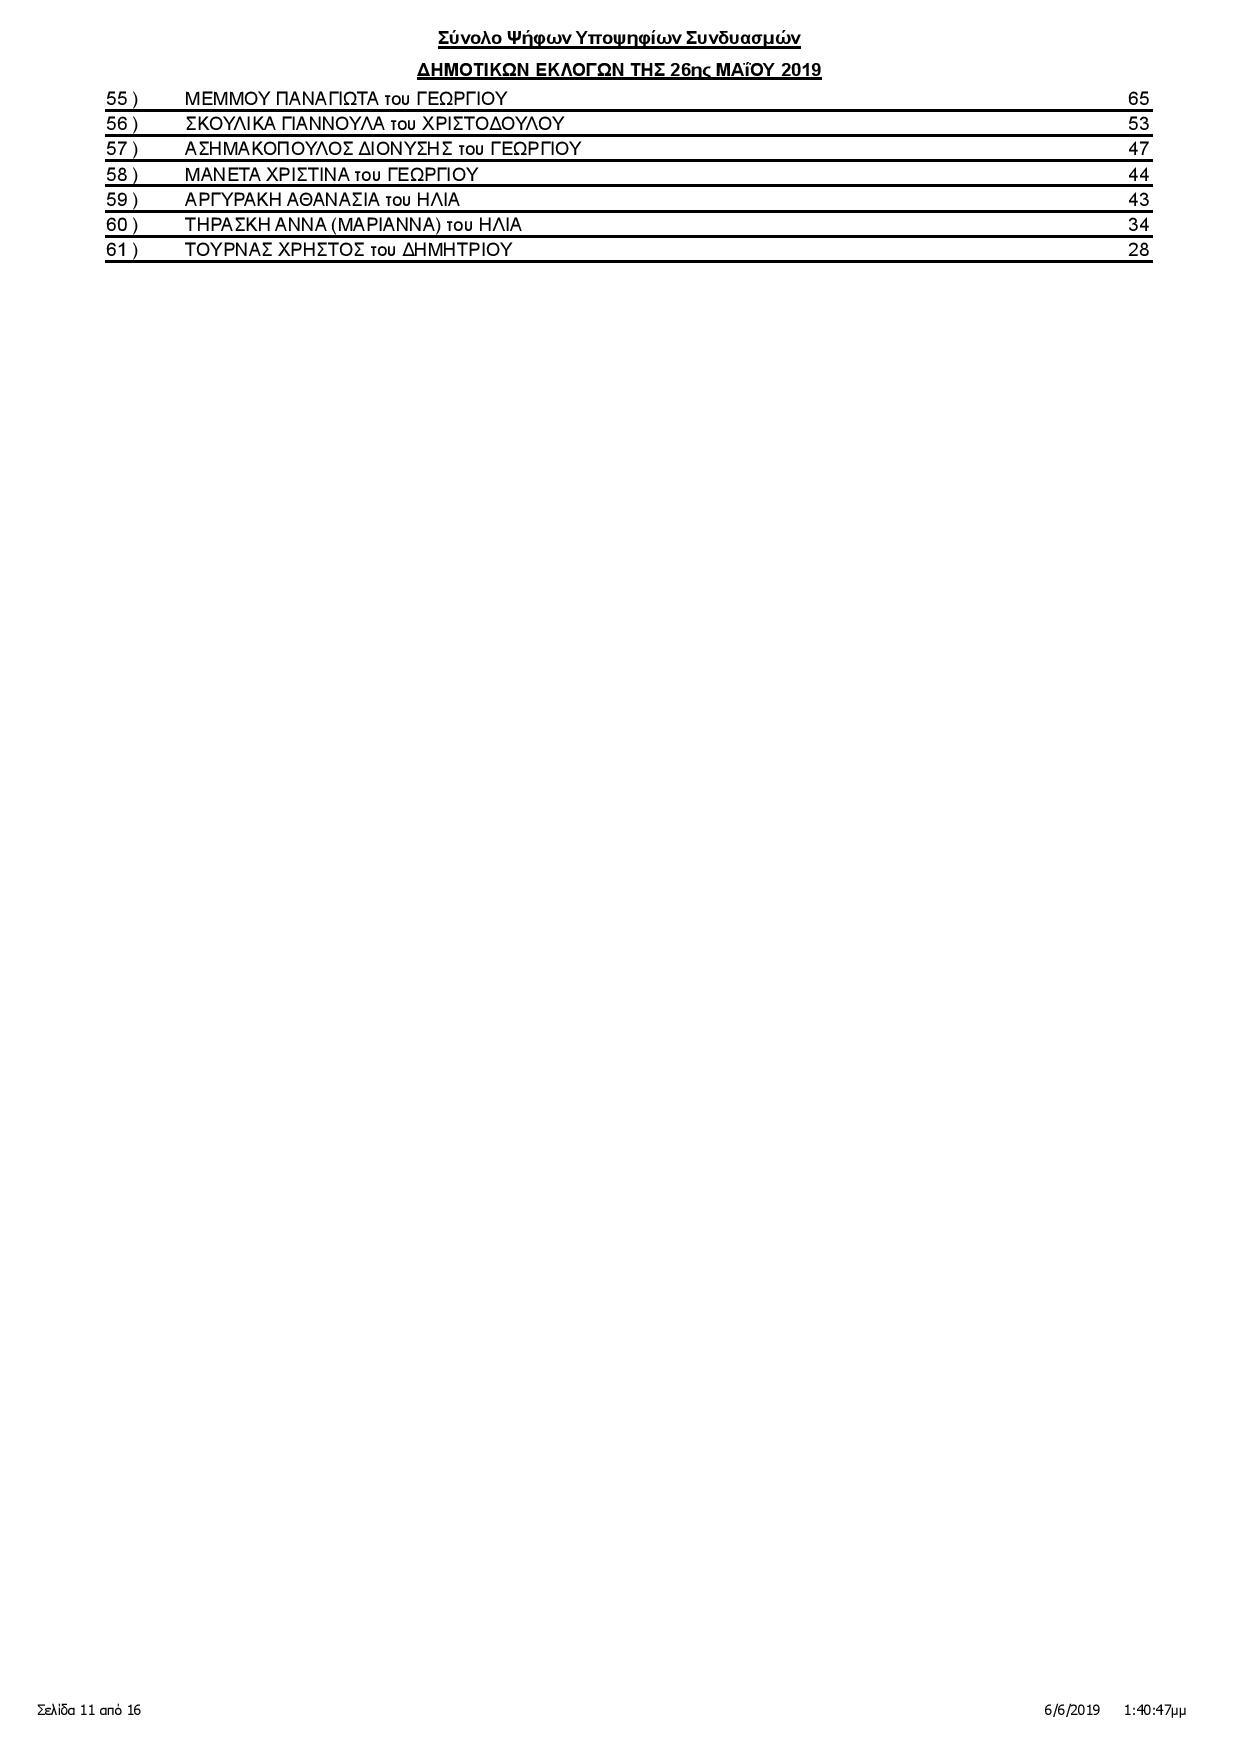 Καλαμάτα: Οι σταυροί των υποψηφίων δημοτικών συμβούλων (αναλυτικά) 12